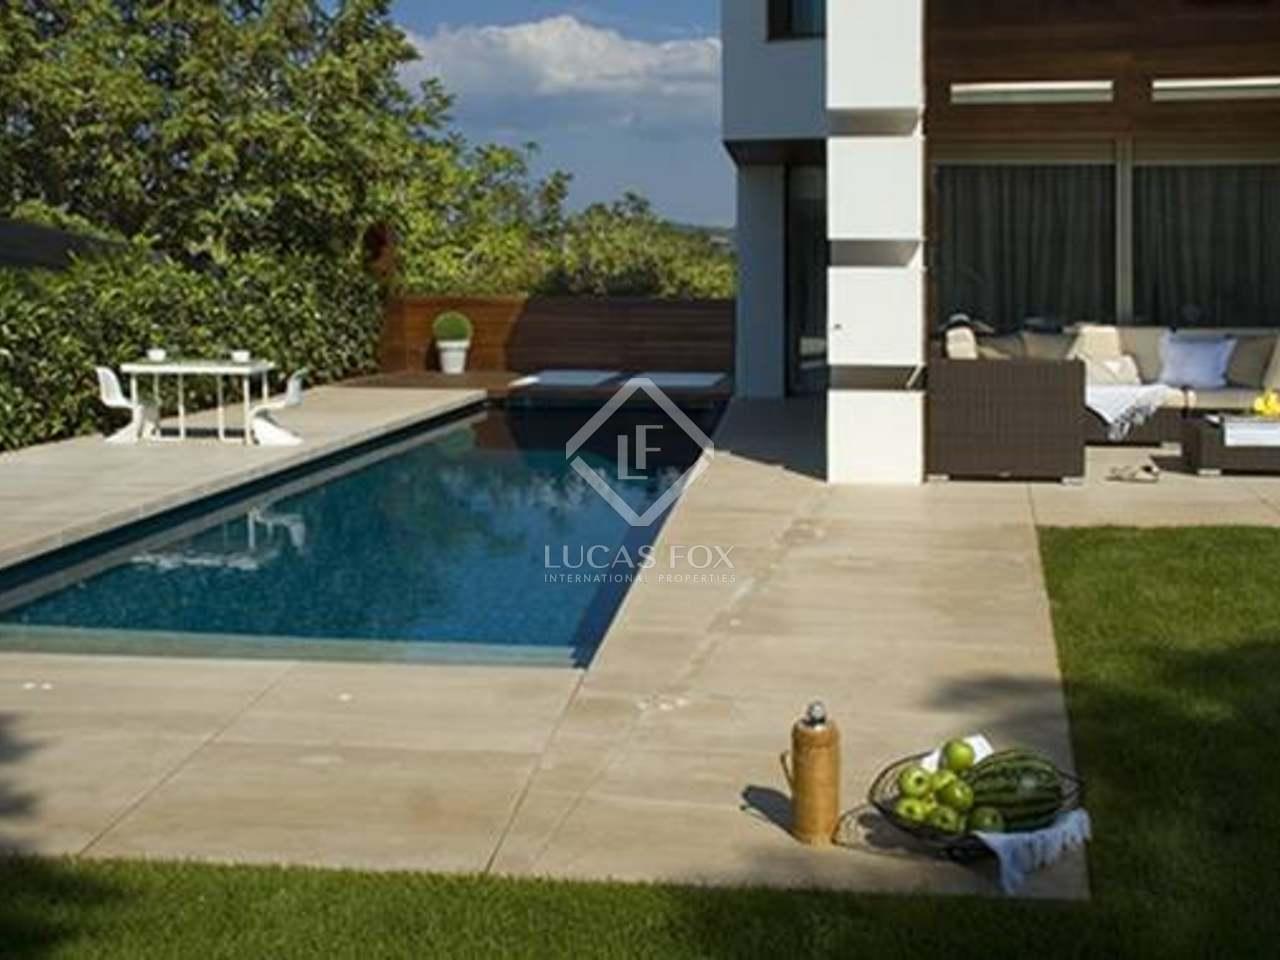 Maison de luxe moderne en vente sant cugat barcelone - Spa sant cugat ...